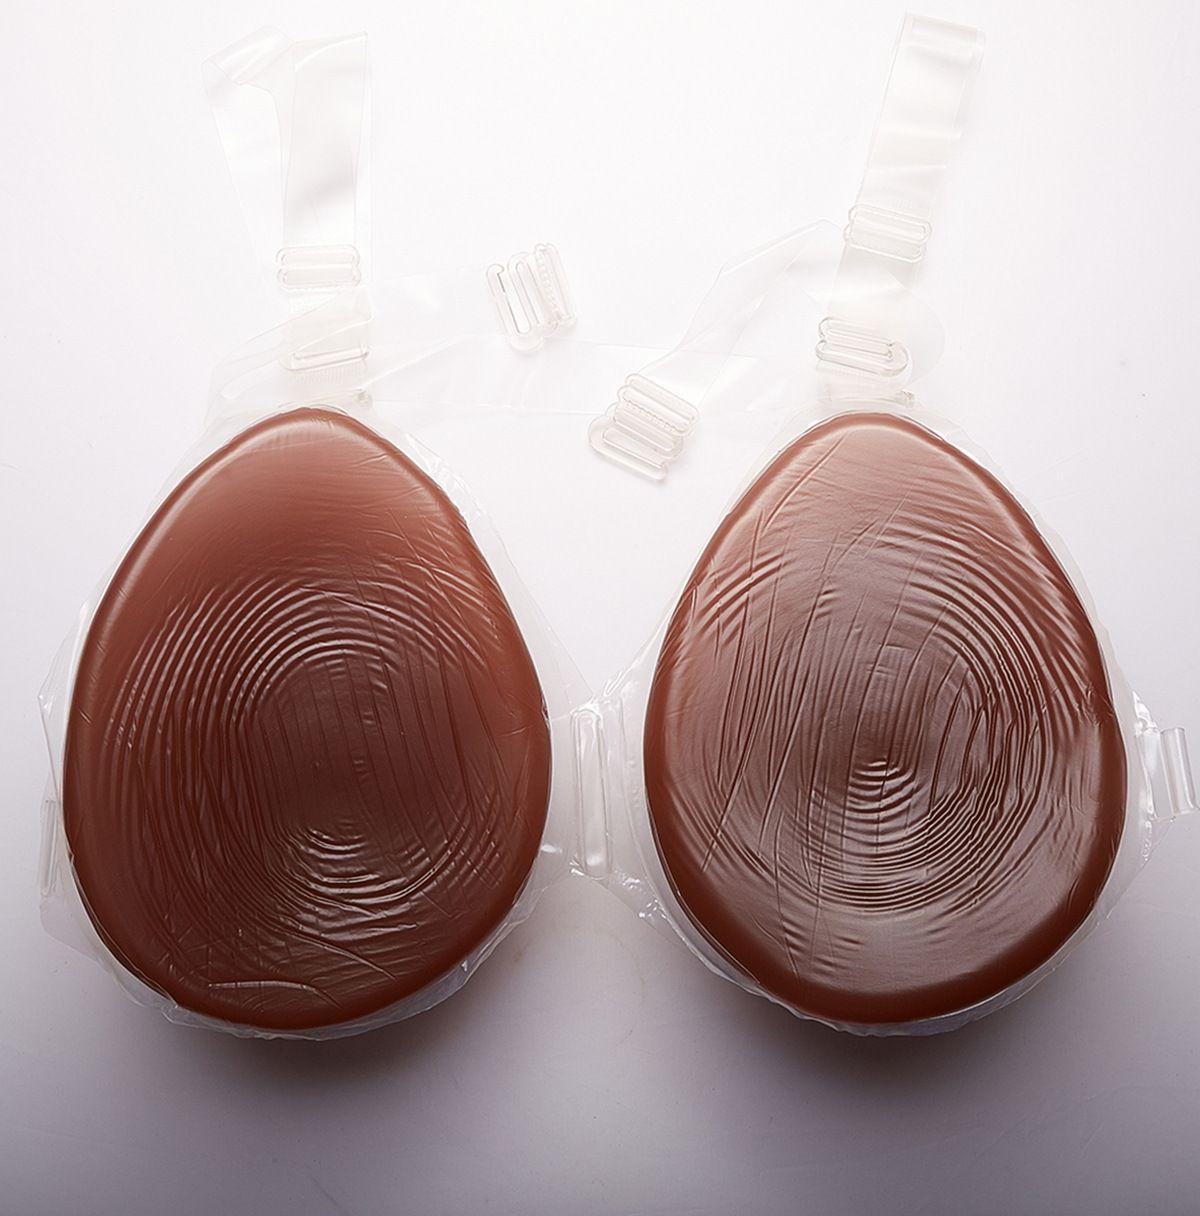 Caffè artificiale Silicone Seni realistici Forme con cinturino Dark Tette finte Tette finte sein pechos silicona vagina crossdresser